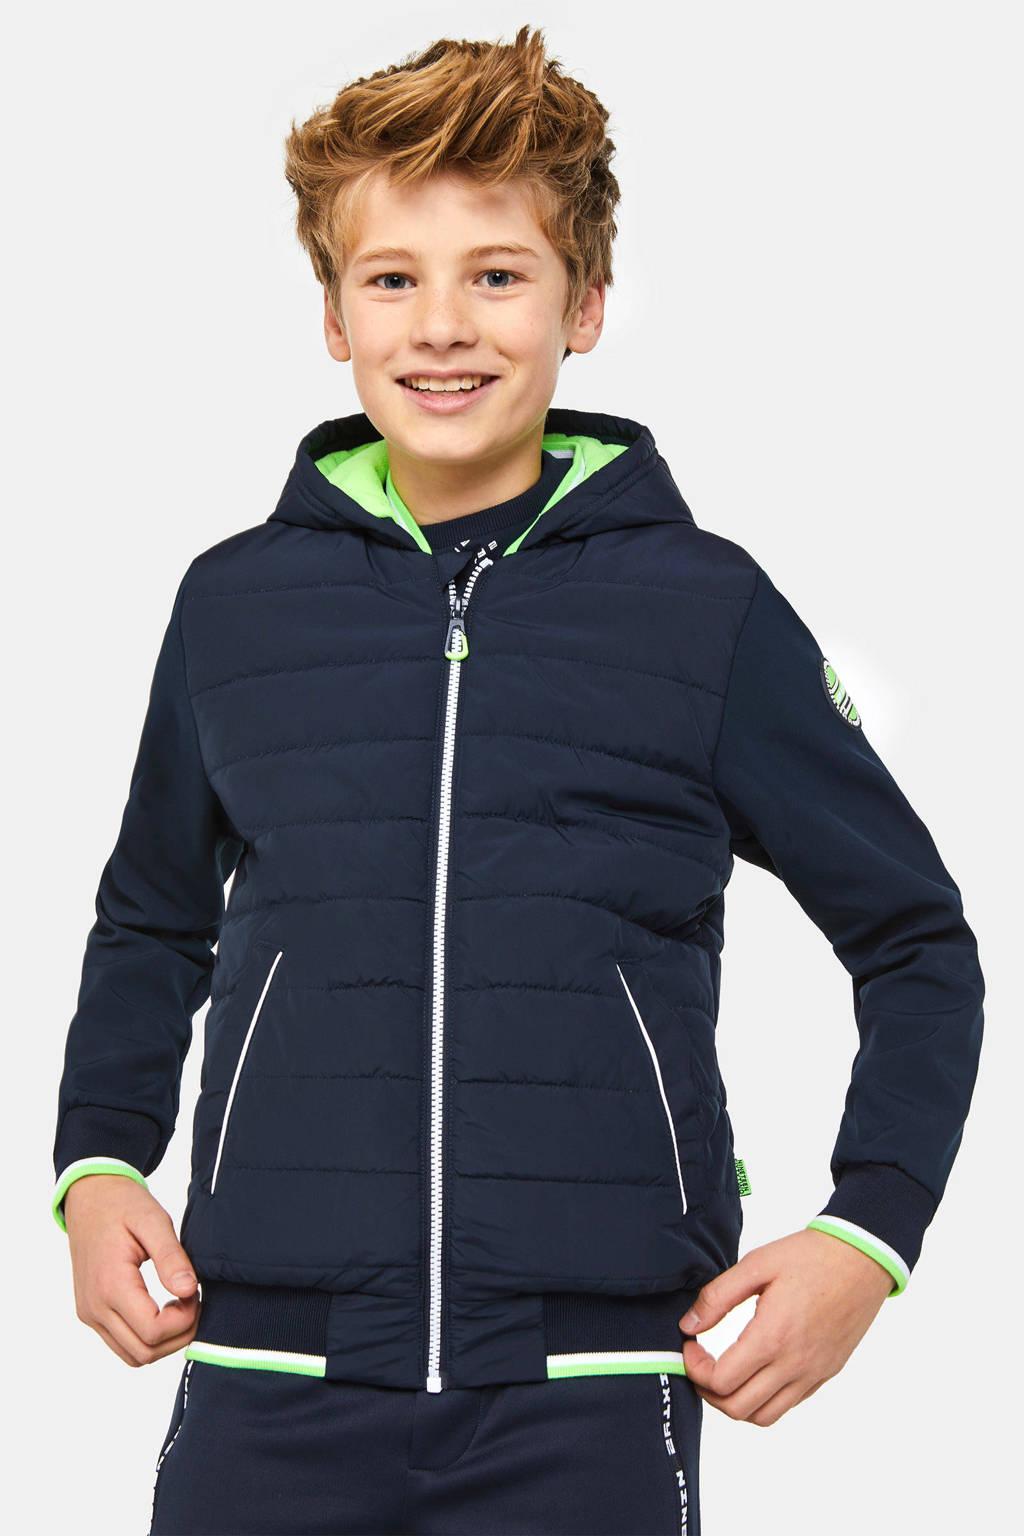 WE Fashion softshell tussenjas met fleecevoering donkerblauw/wit/groen, Donkerblauw/wit/groen